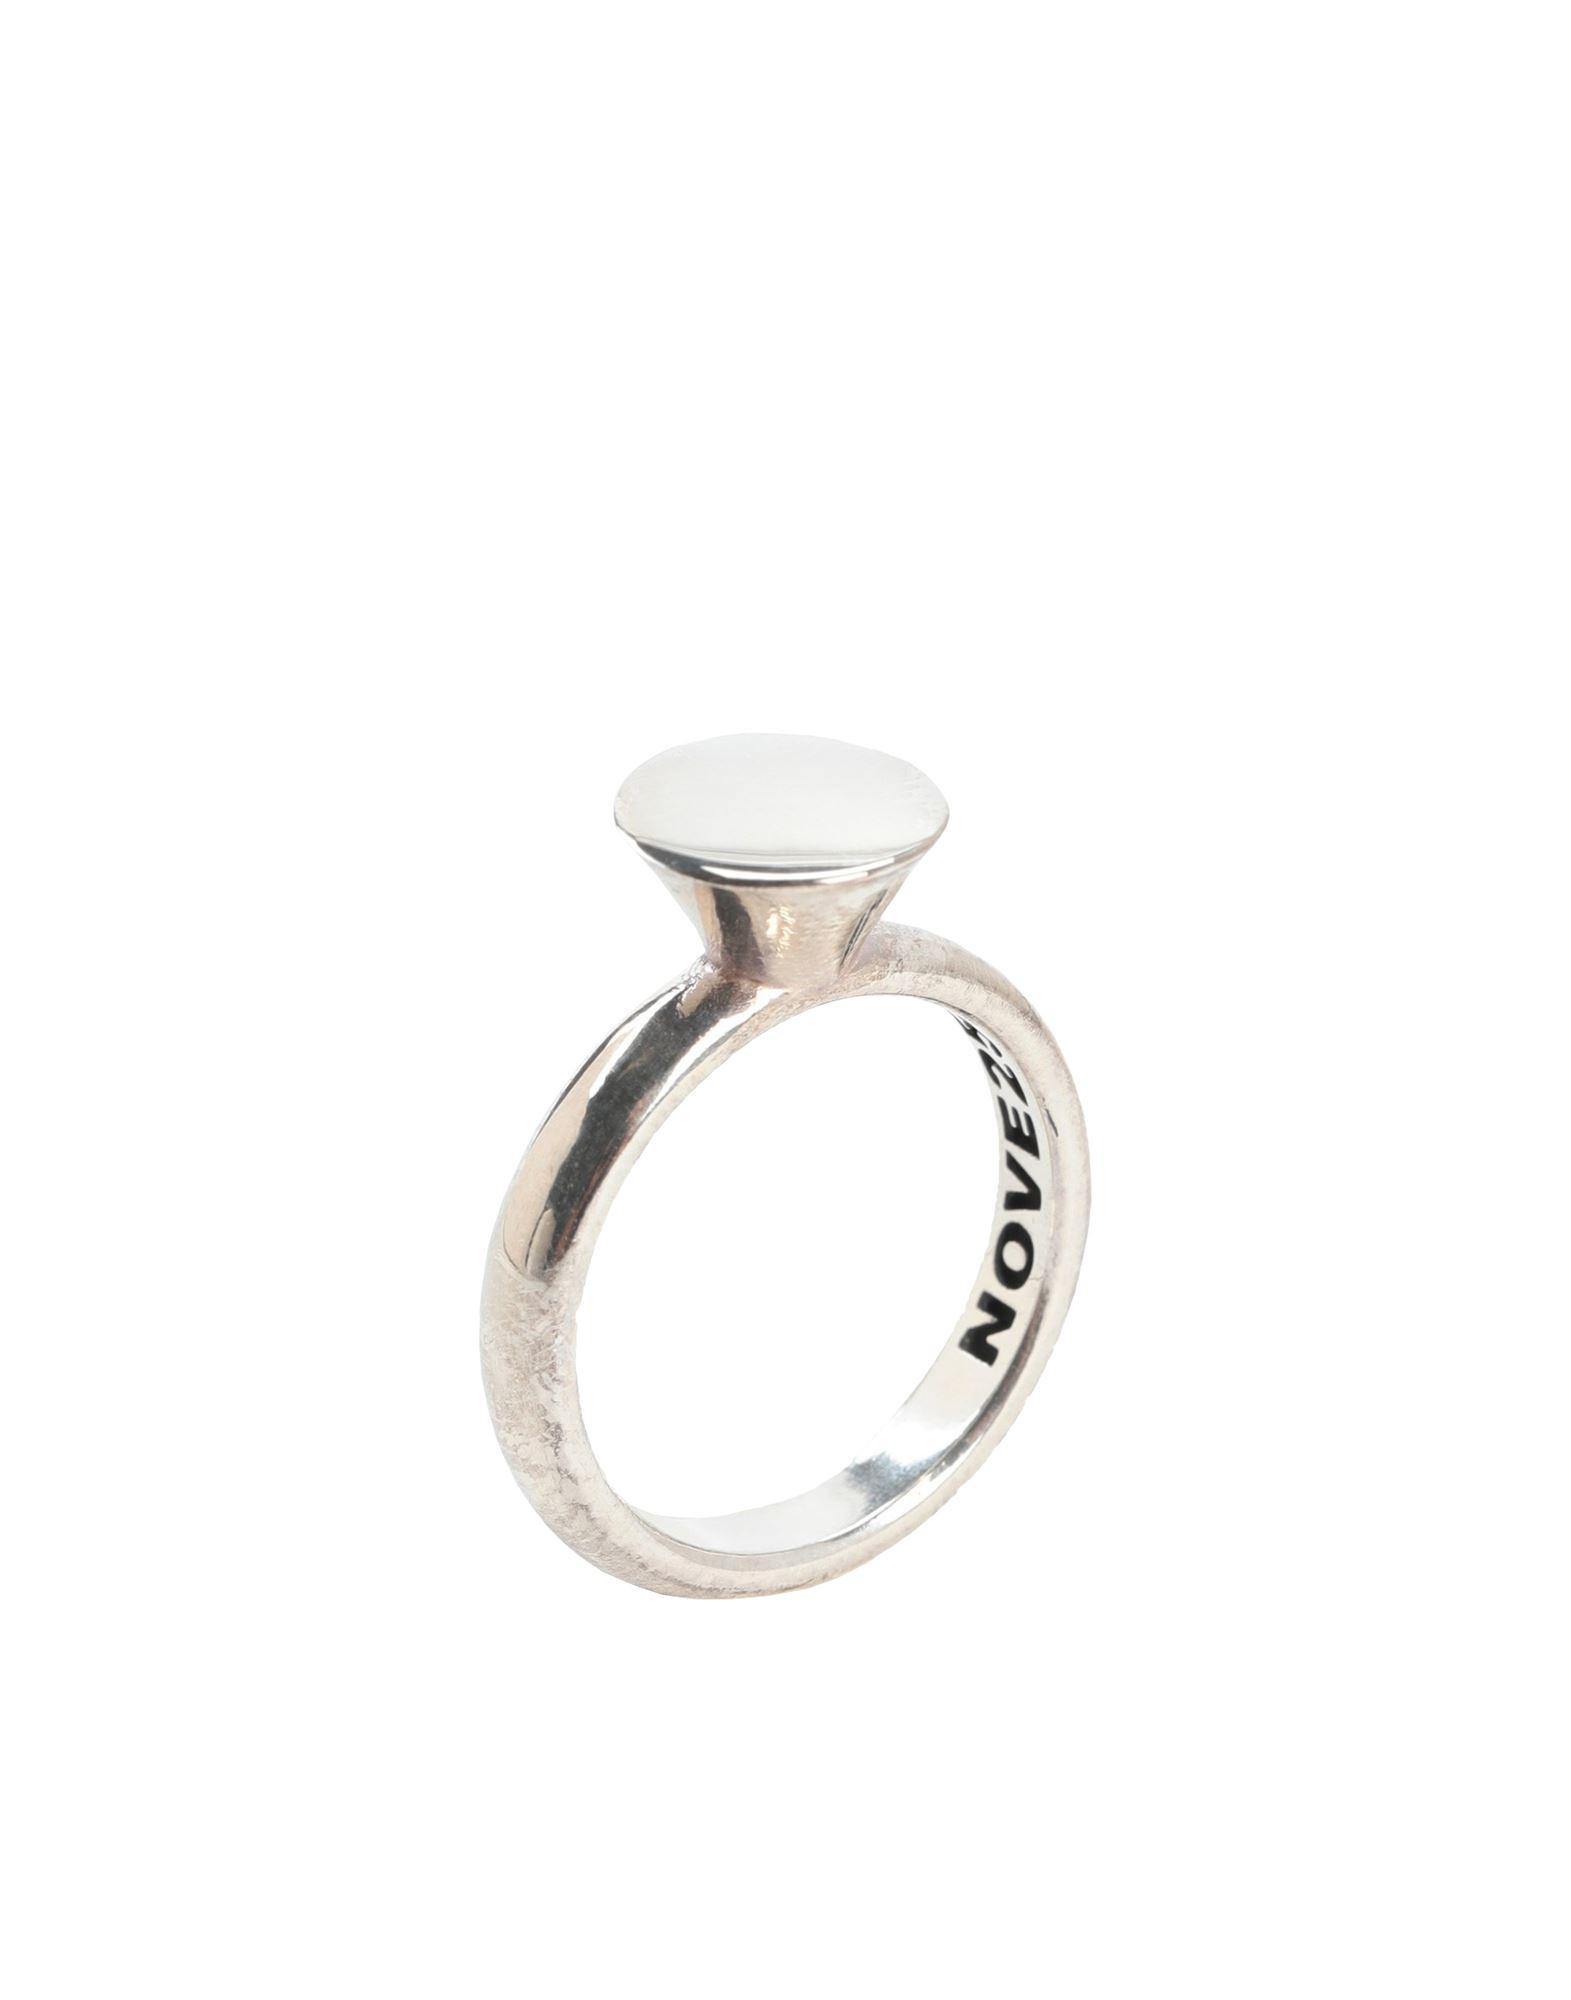 《セール開催中》NOVE25 レディース 指輪 シルバー 9 シルバー925/1000 ROUND SOLITAIRE FINE RING